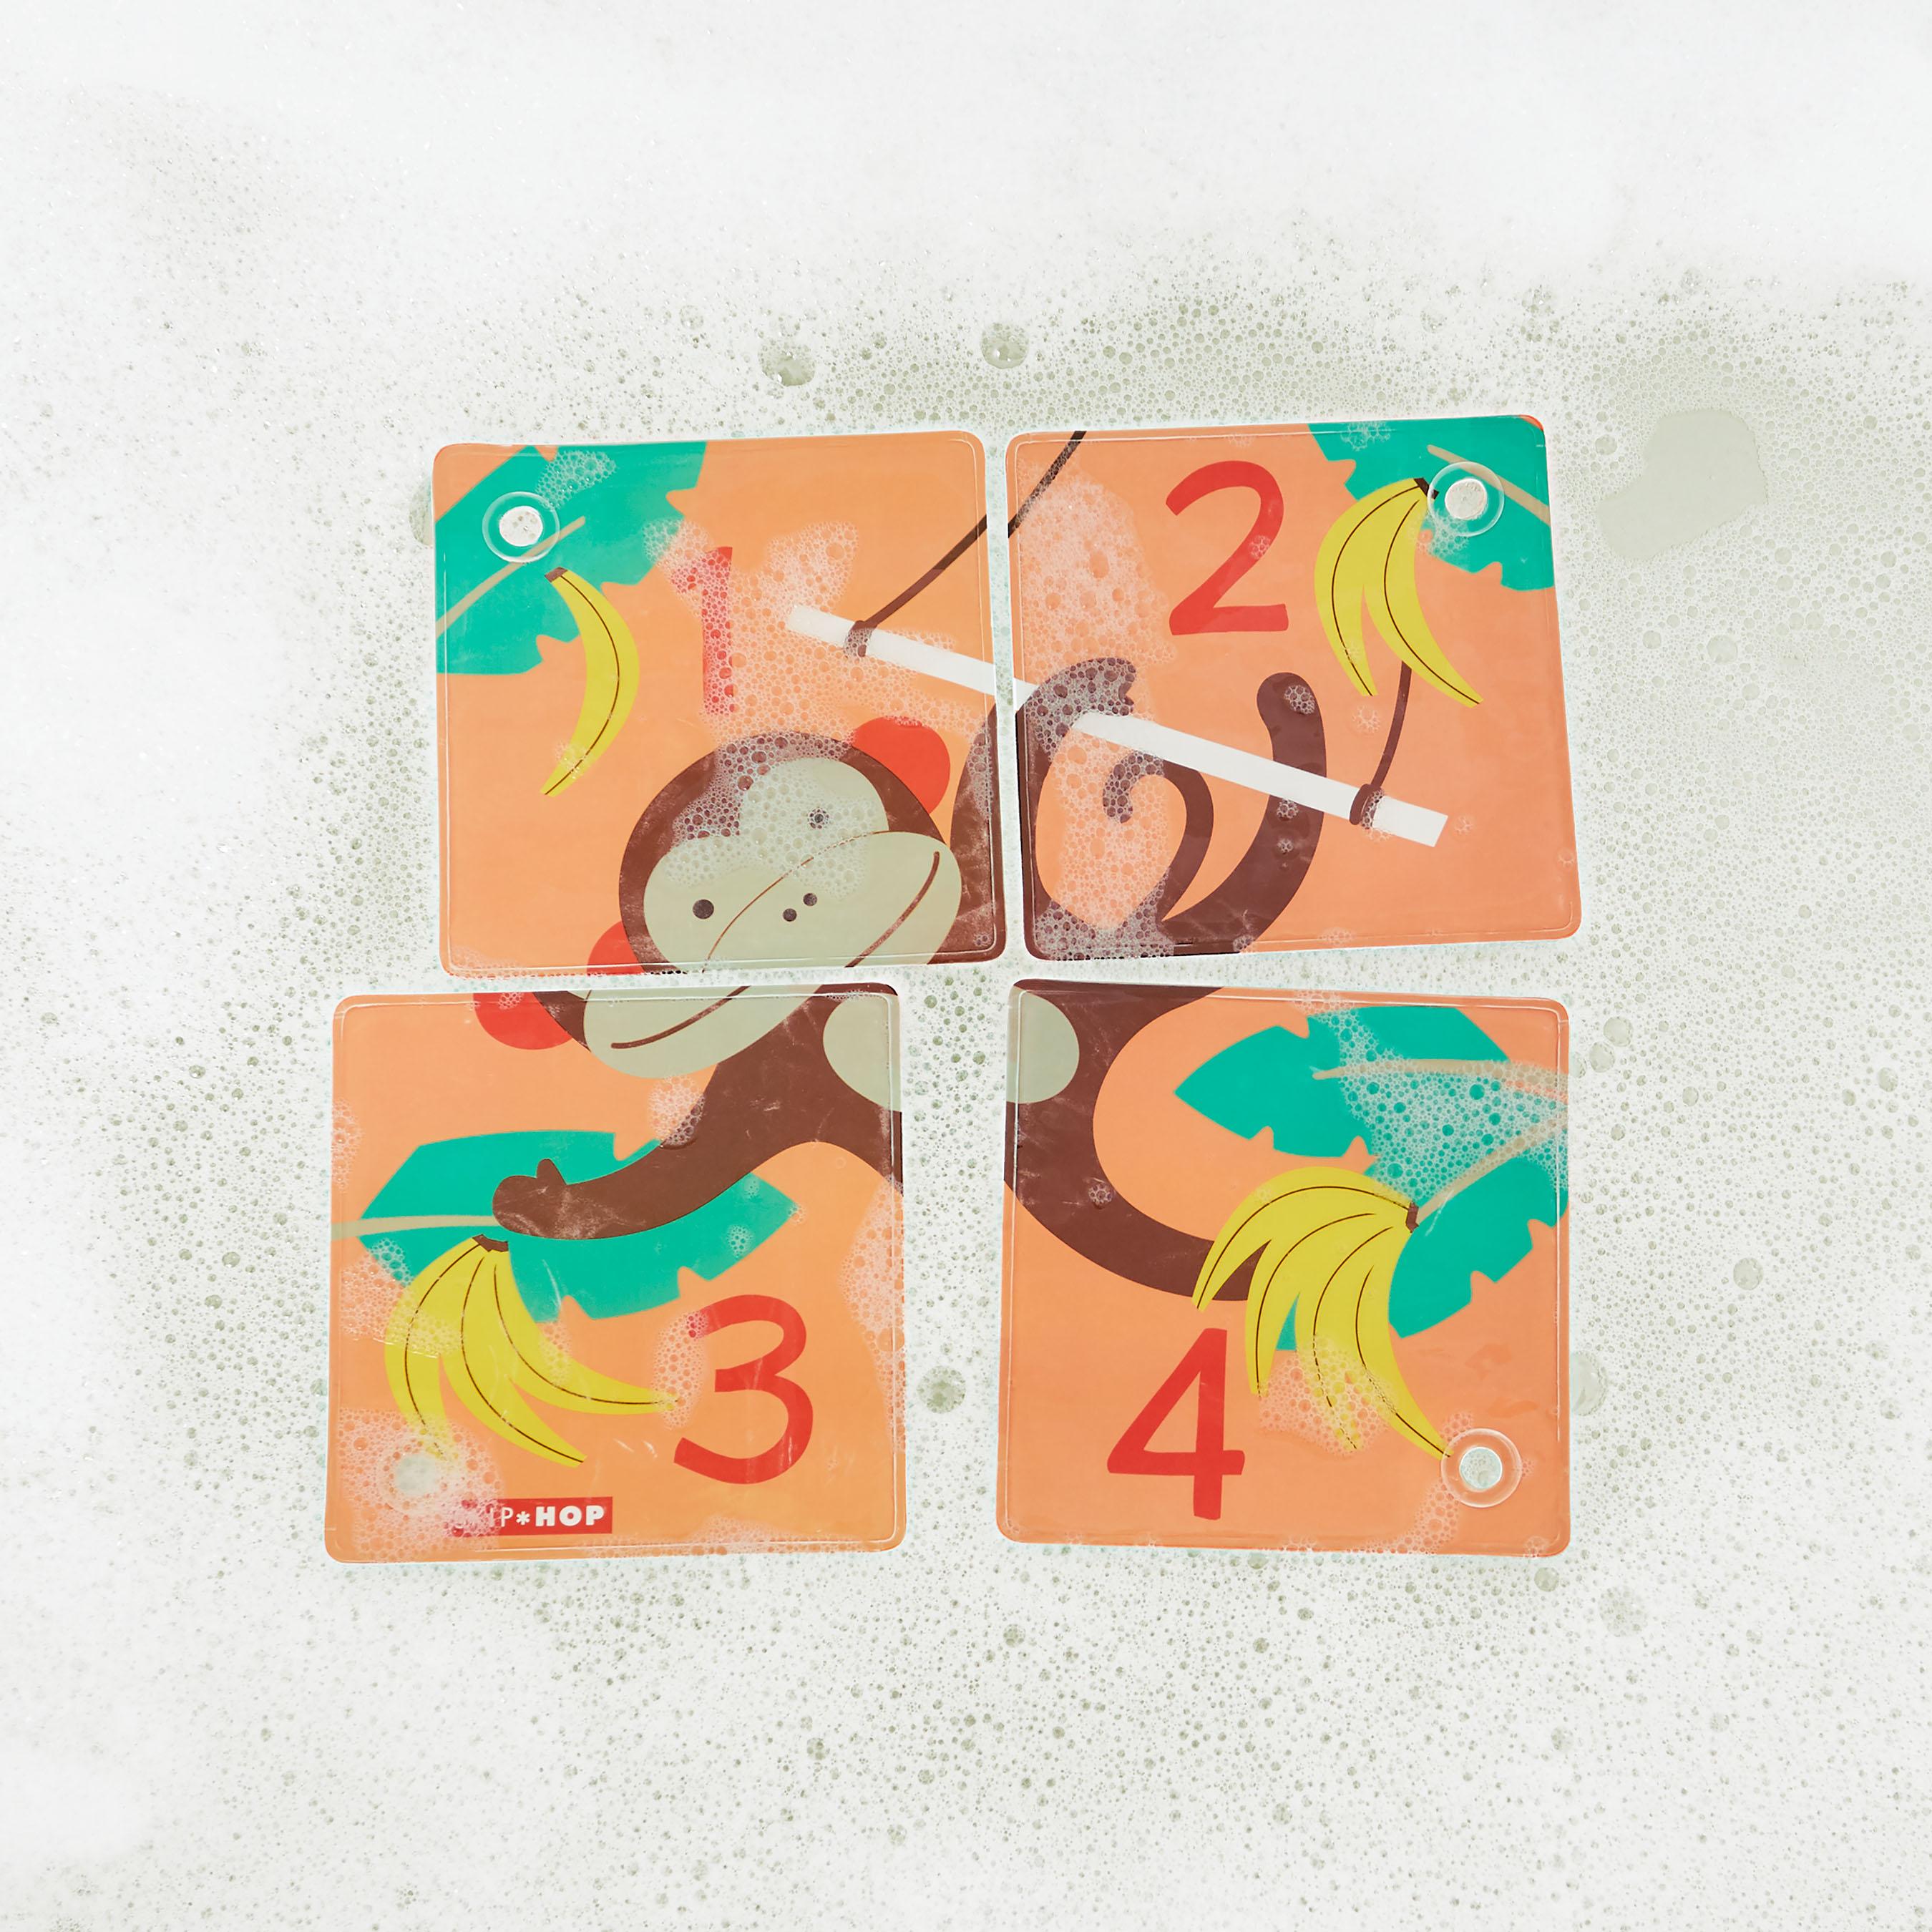 ספר לאמבטיה - קופיף